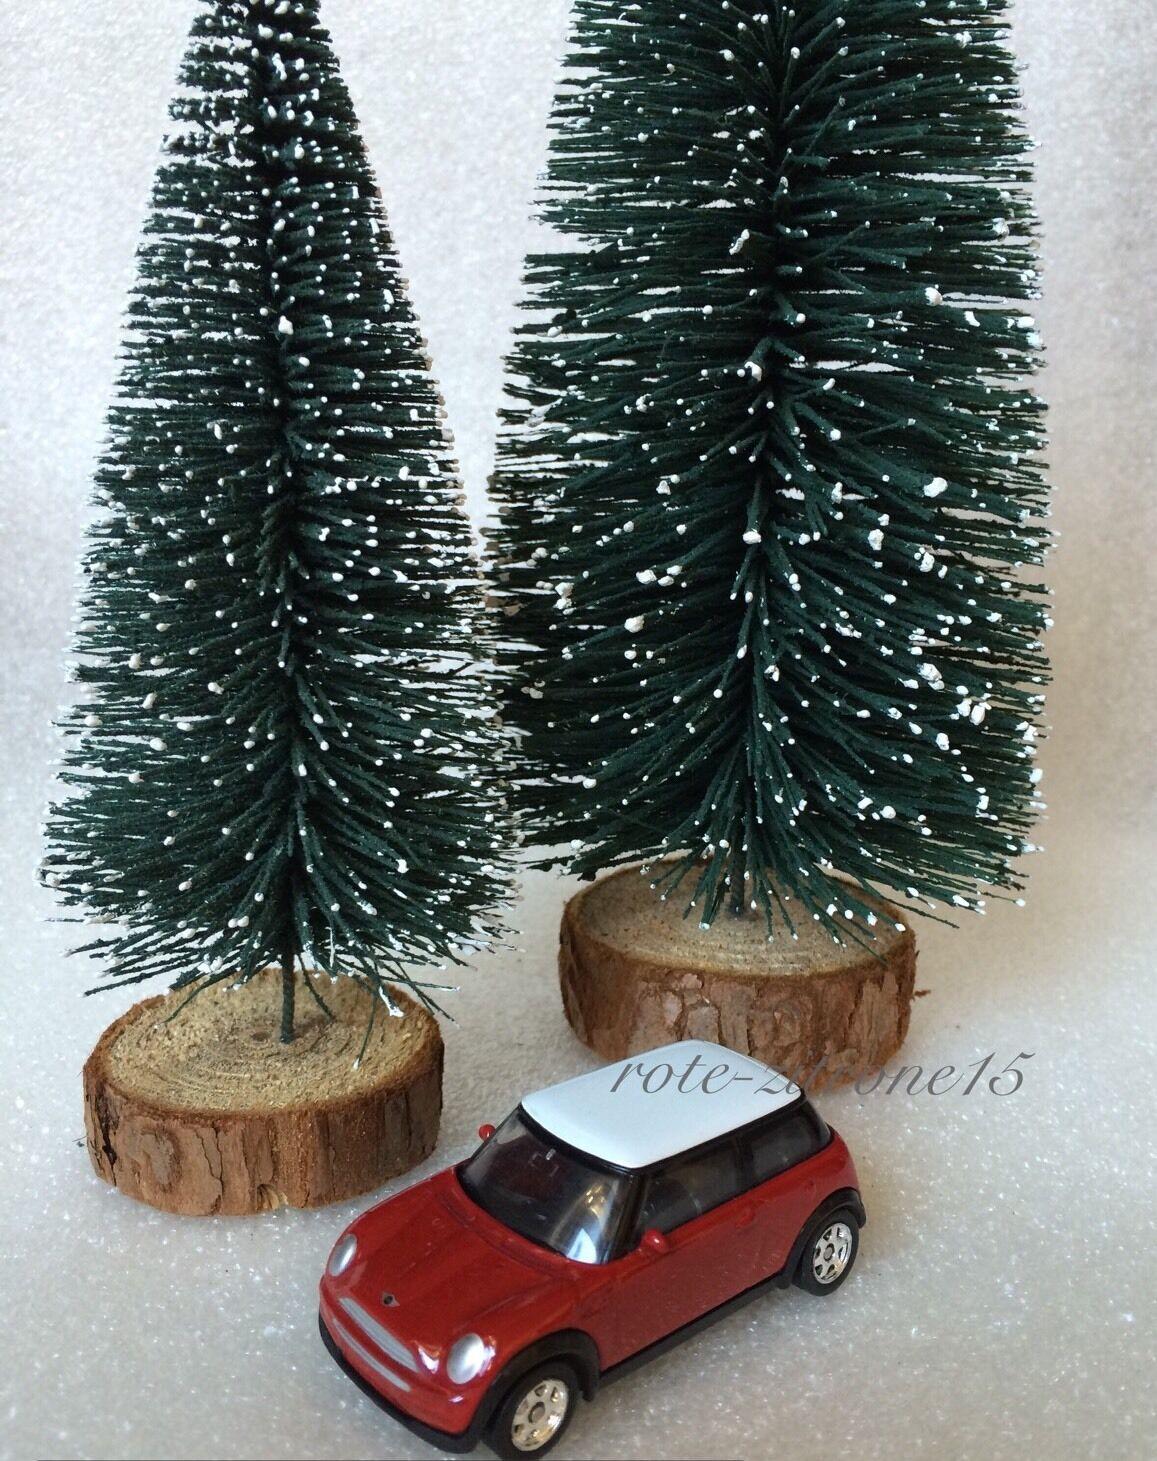 2x mini weihnachtsbaum weihnachten advent baum christbaum. Black Bedroom Furniture Sets. Home Design Ideas